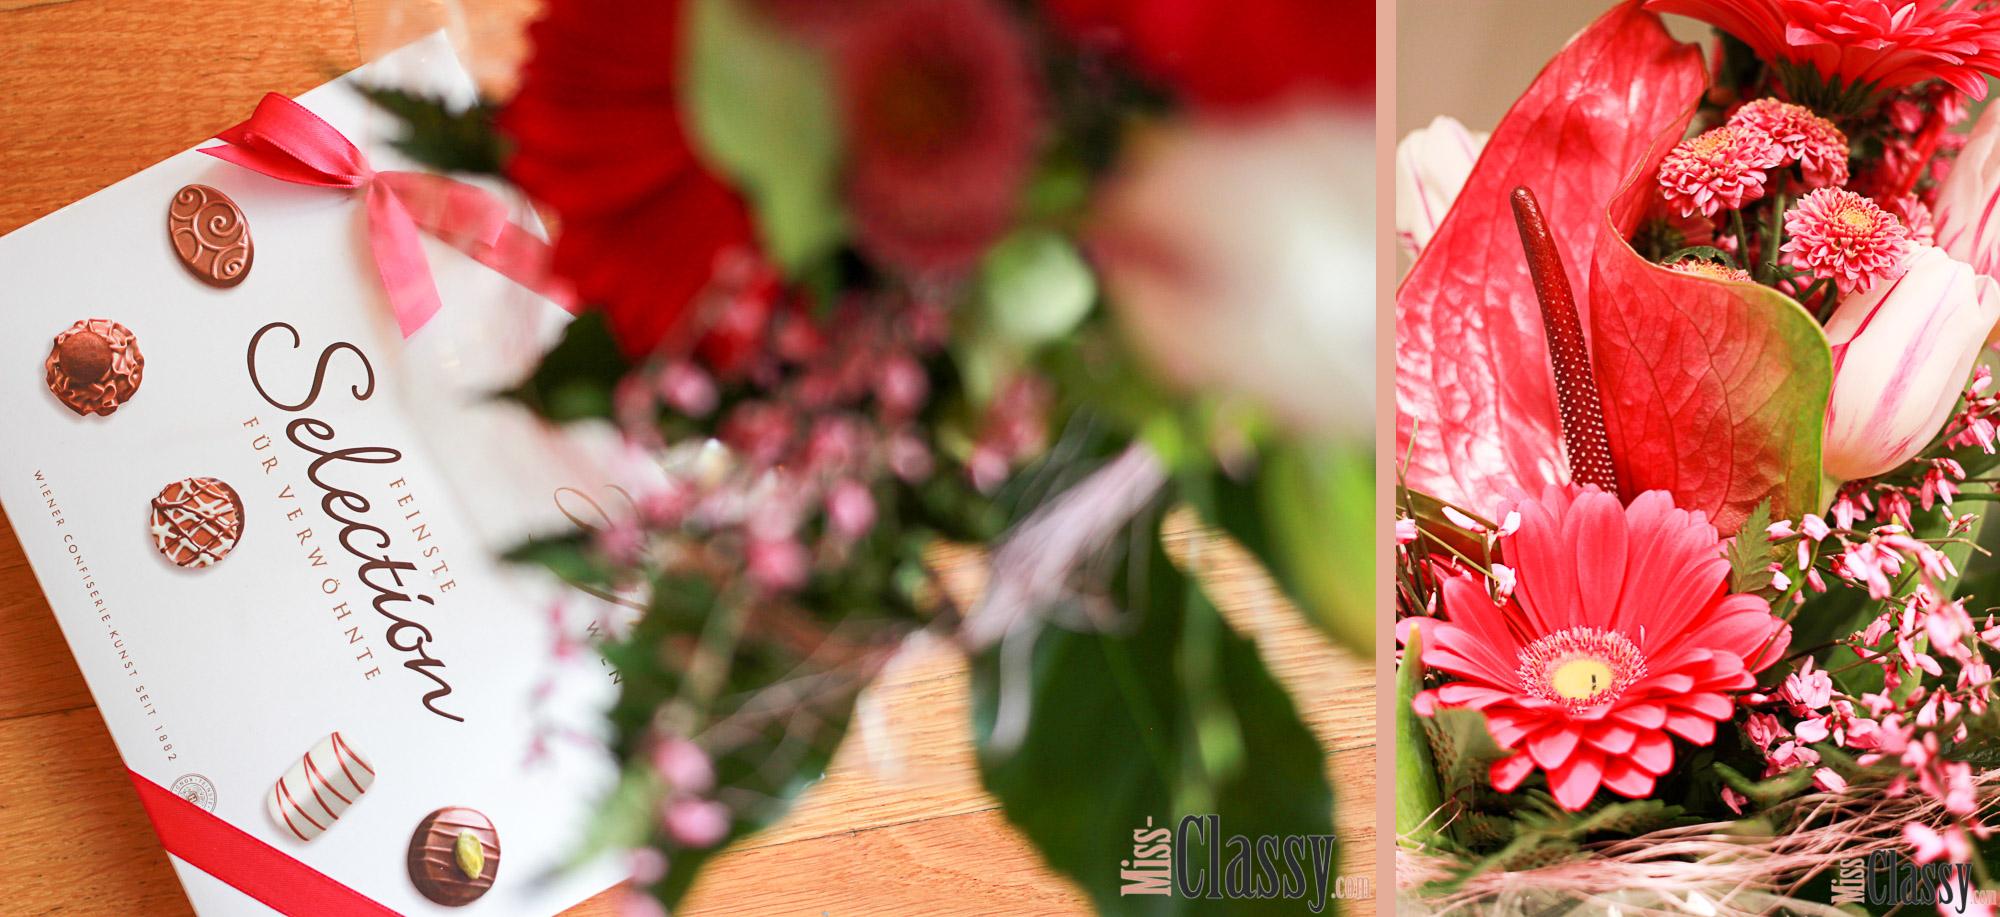 LIFESTYLE Valentinstagsgeschenke Guide, Miss Classy, miss-classy.com, Lifestyle, Lifestyleblog Graz, Lifestyleblogger, Graz, Austria, Steiermark, Österreich, Valentinstag, Tag der Liebe, 14. Februar, Be my Valentine, Blumen, Blumenstrauss, Flowers, Hellweg, Pralinen, Schokolade, Süße Versuchung